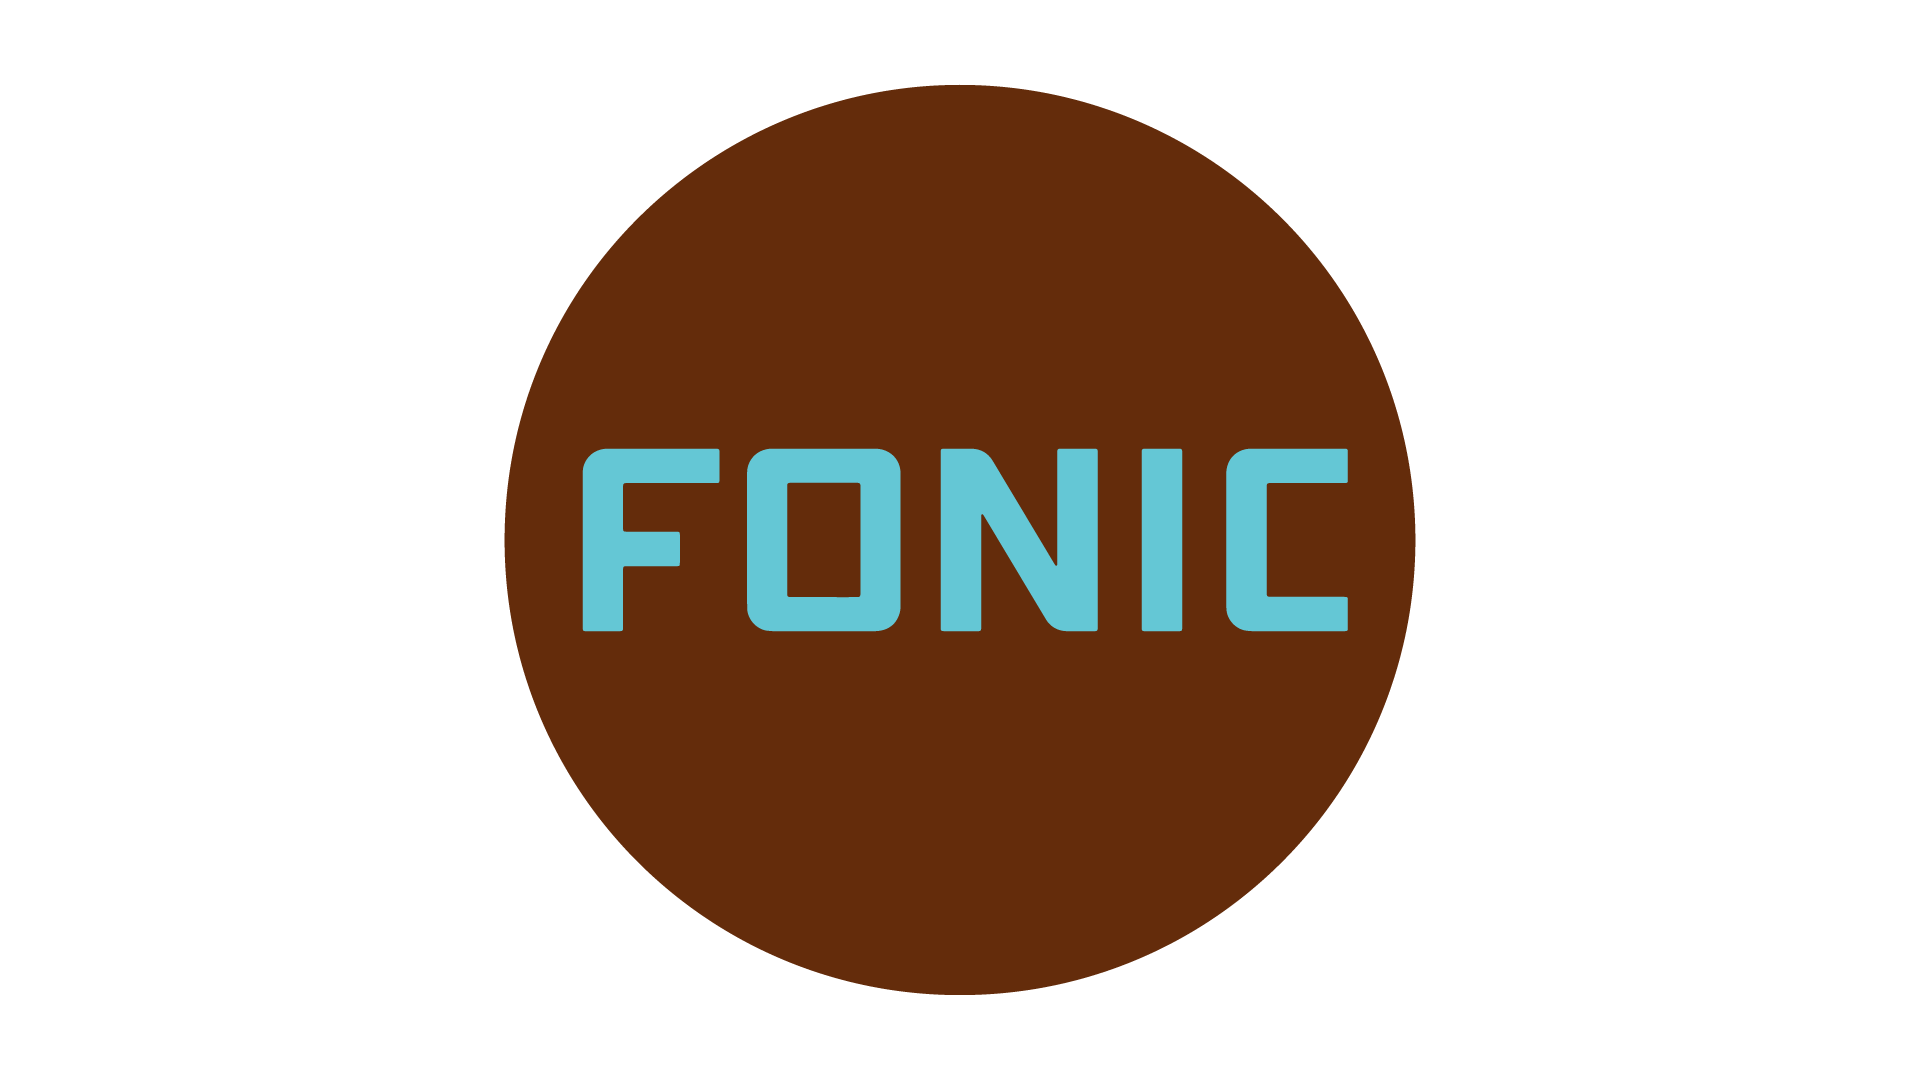 Das Logo von Fonic